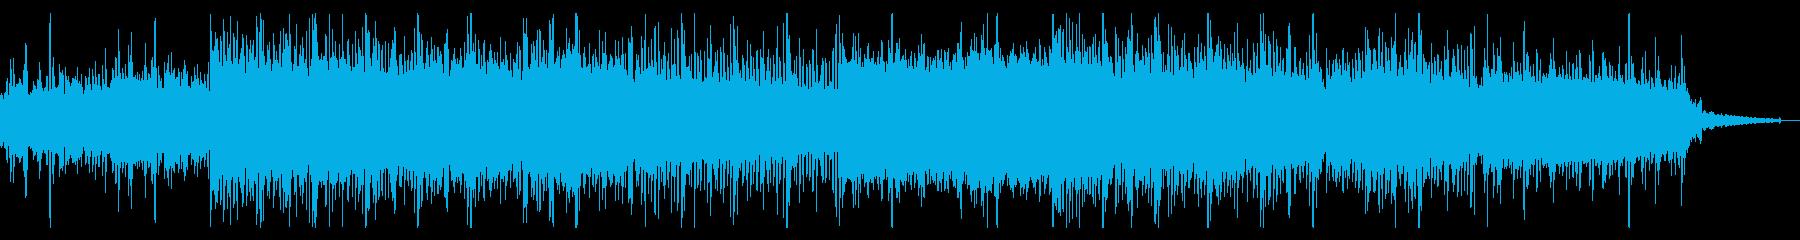 ホラーなインダストリアルIDMの再生済みの波形